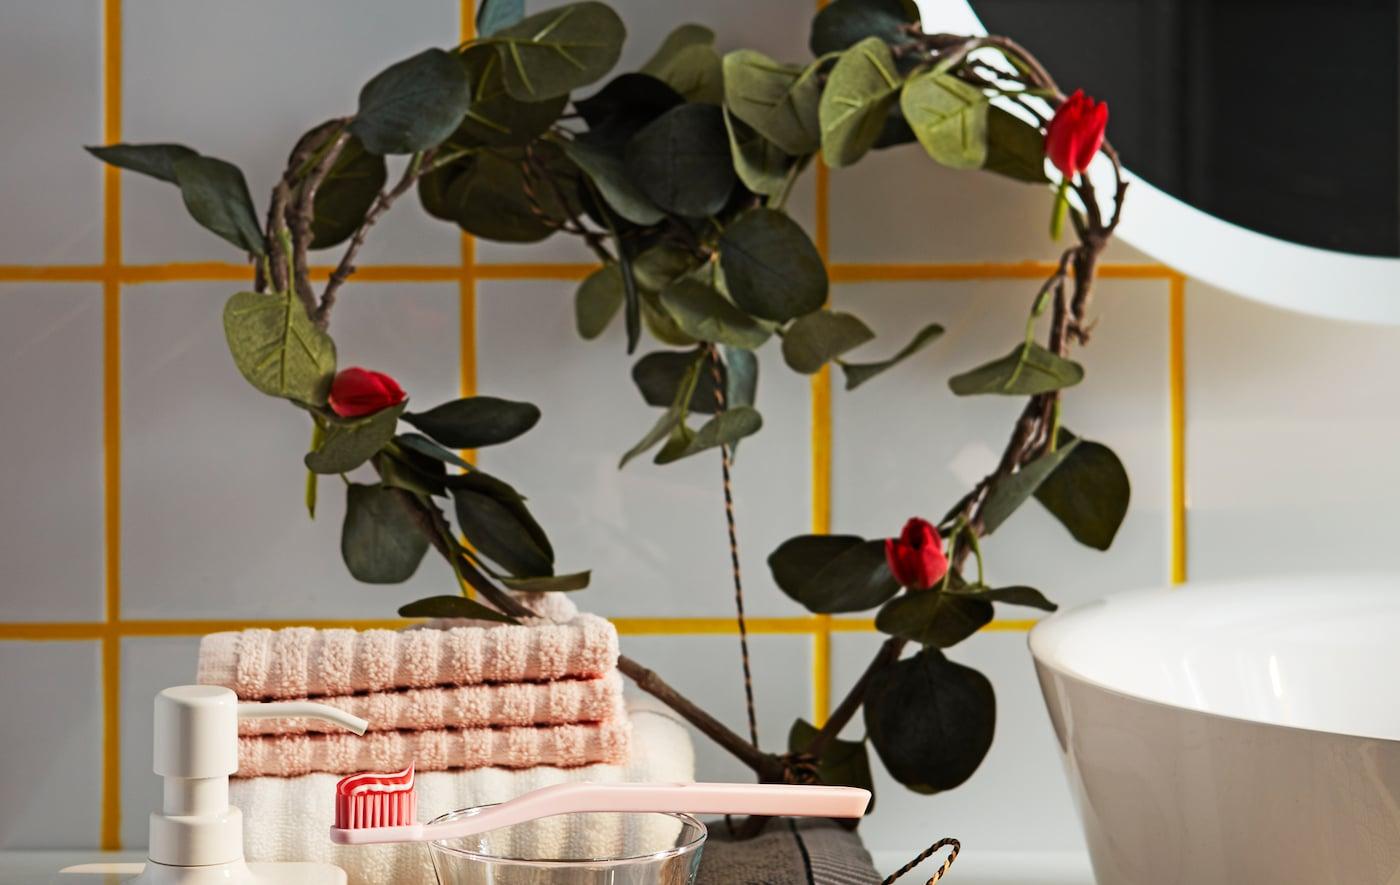 Ramas artificiales IKEA SMYCKA verde eucalipto en forma de corazón decorando un estante de baño.